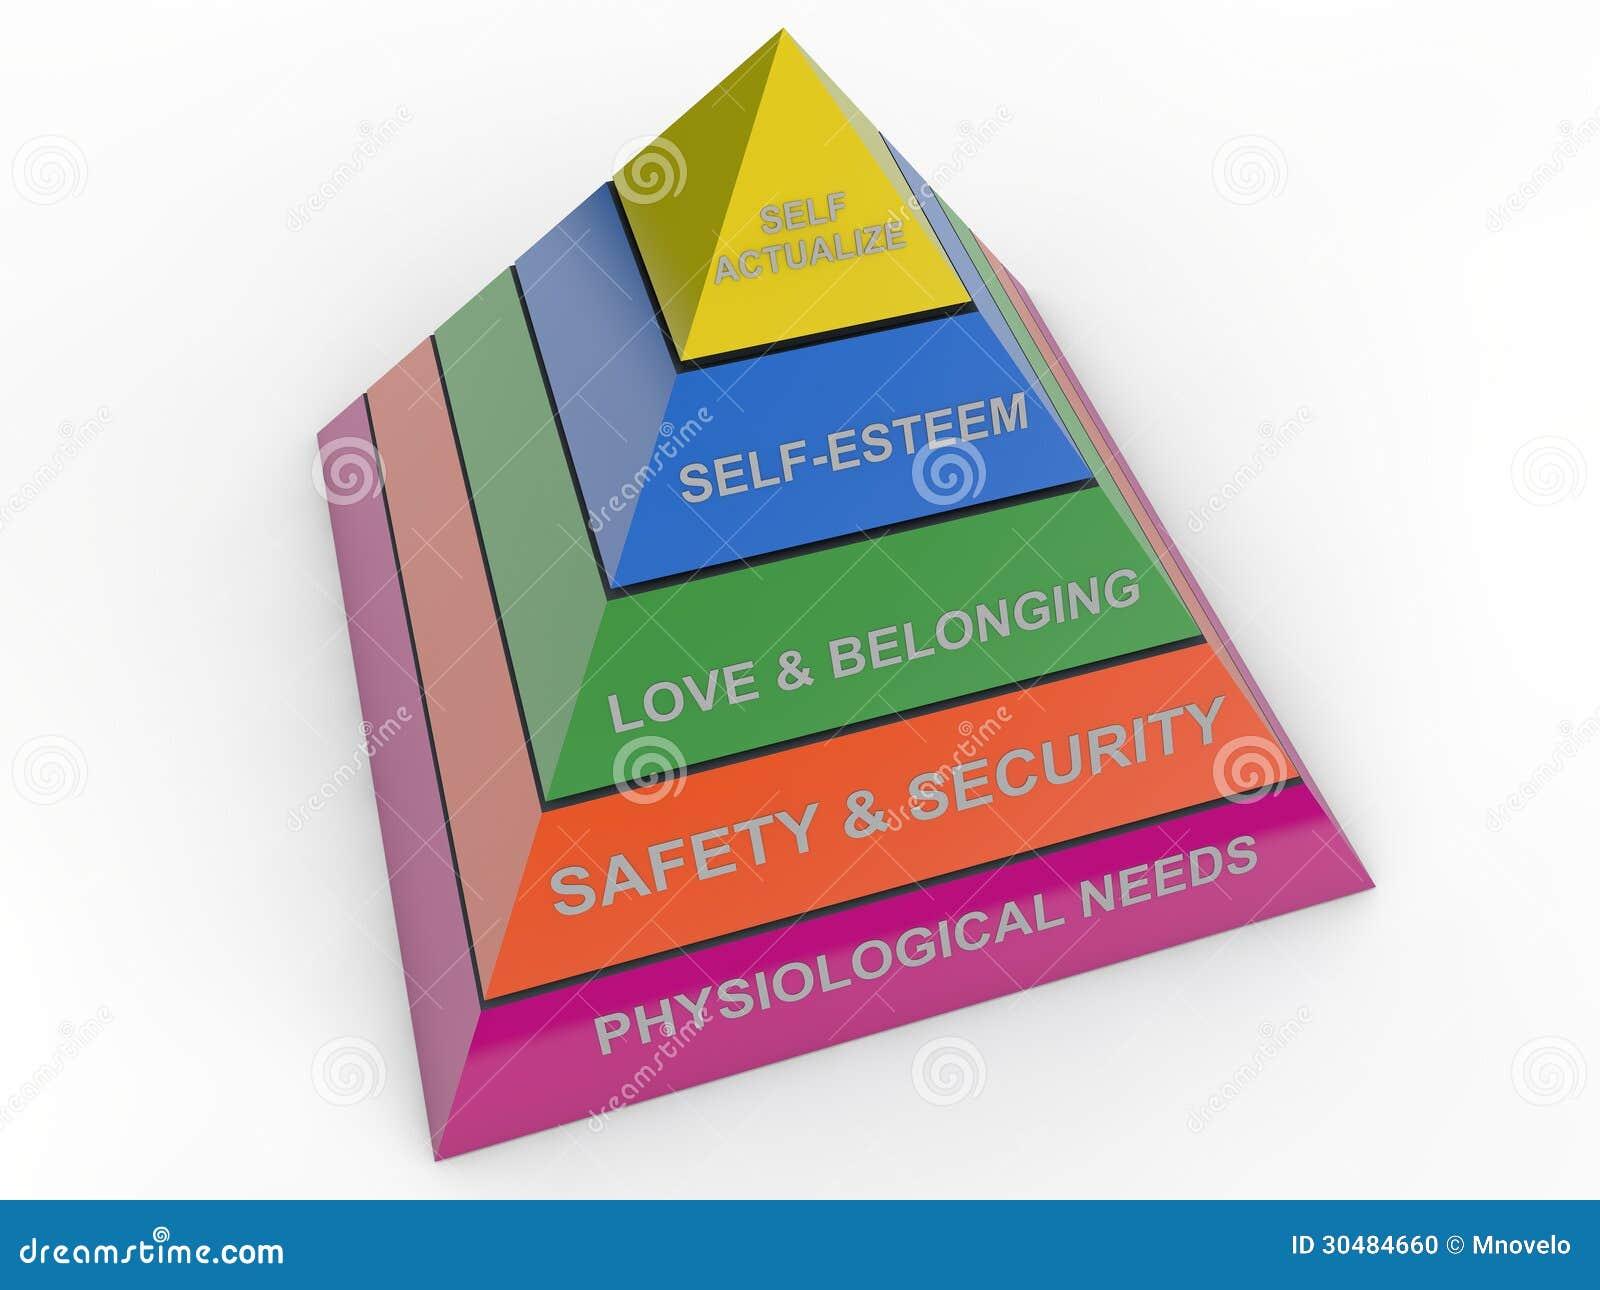 Hierarki av behov